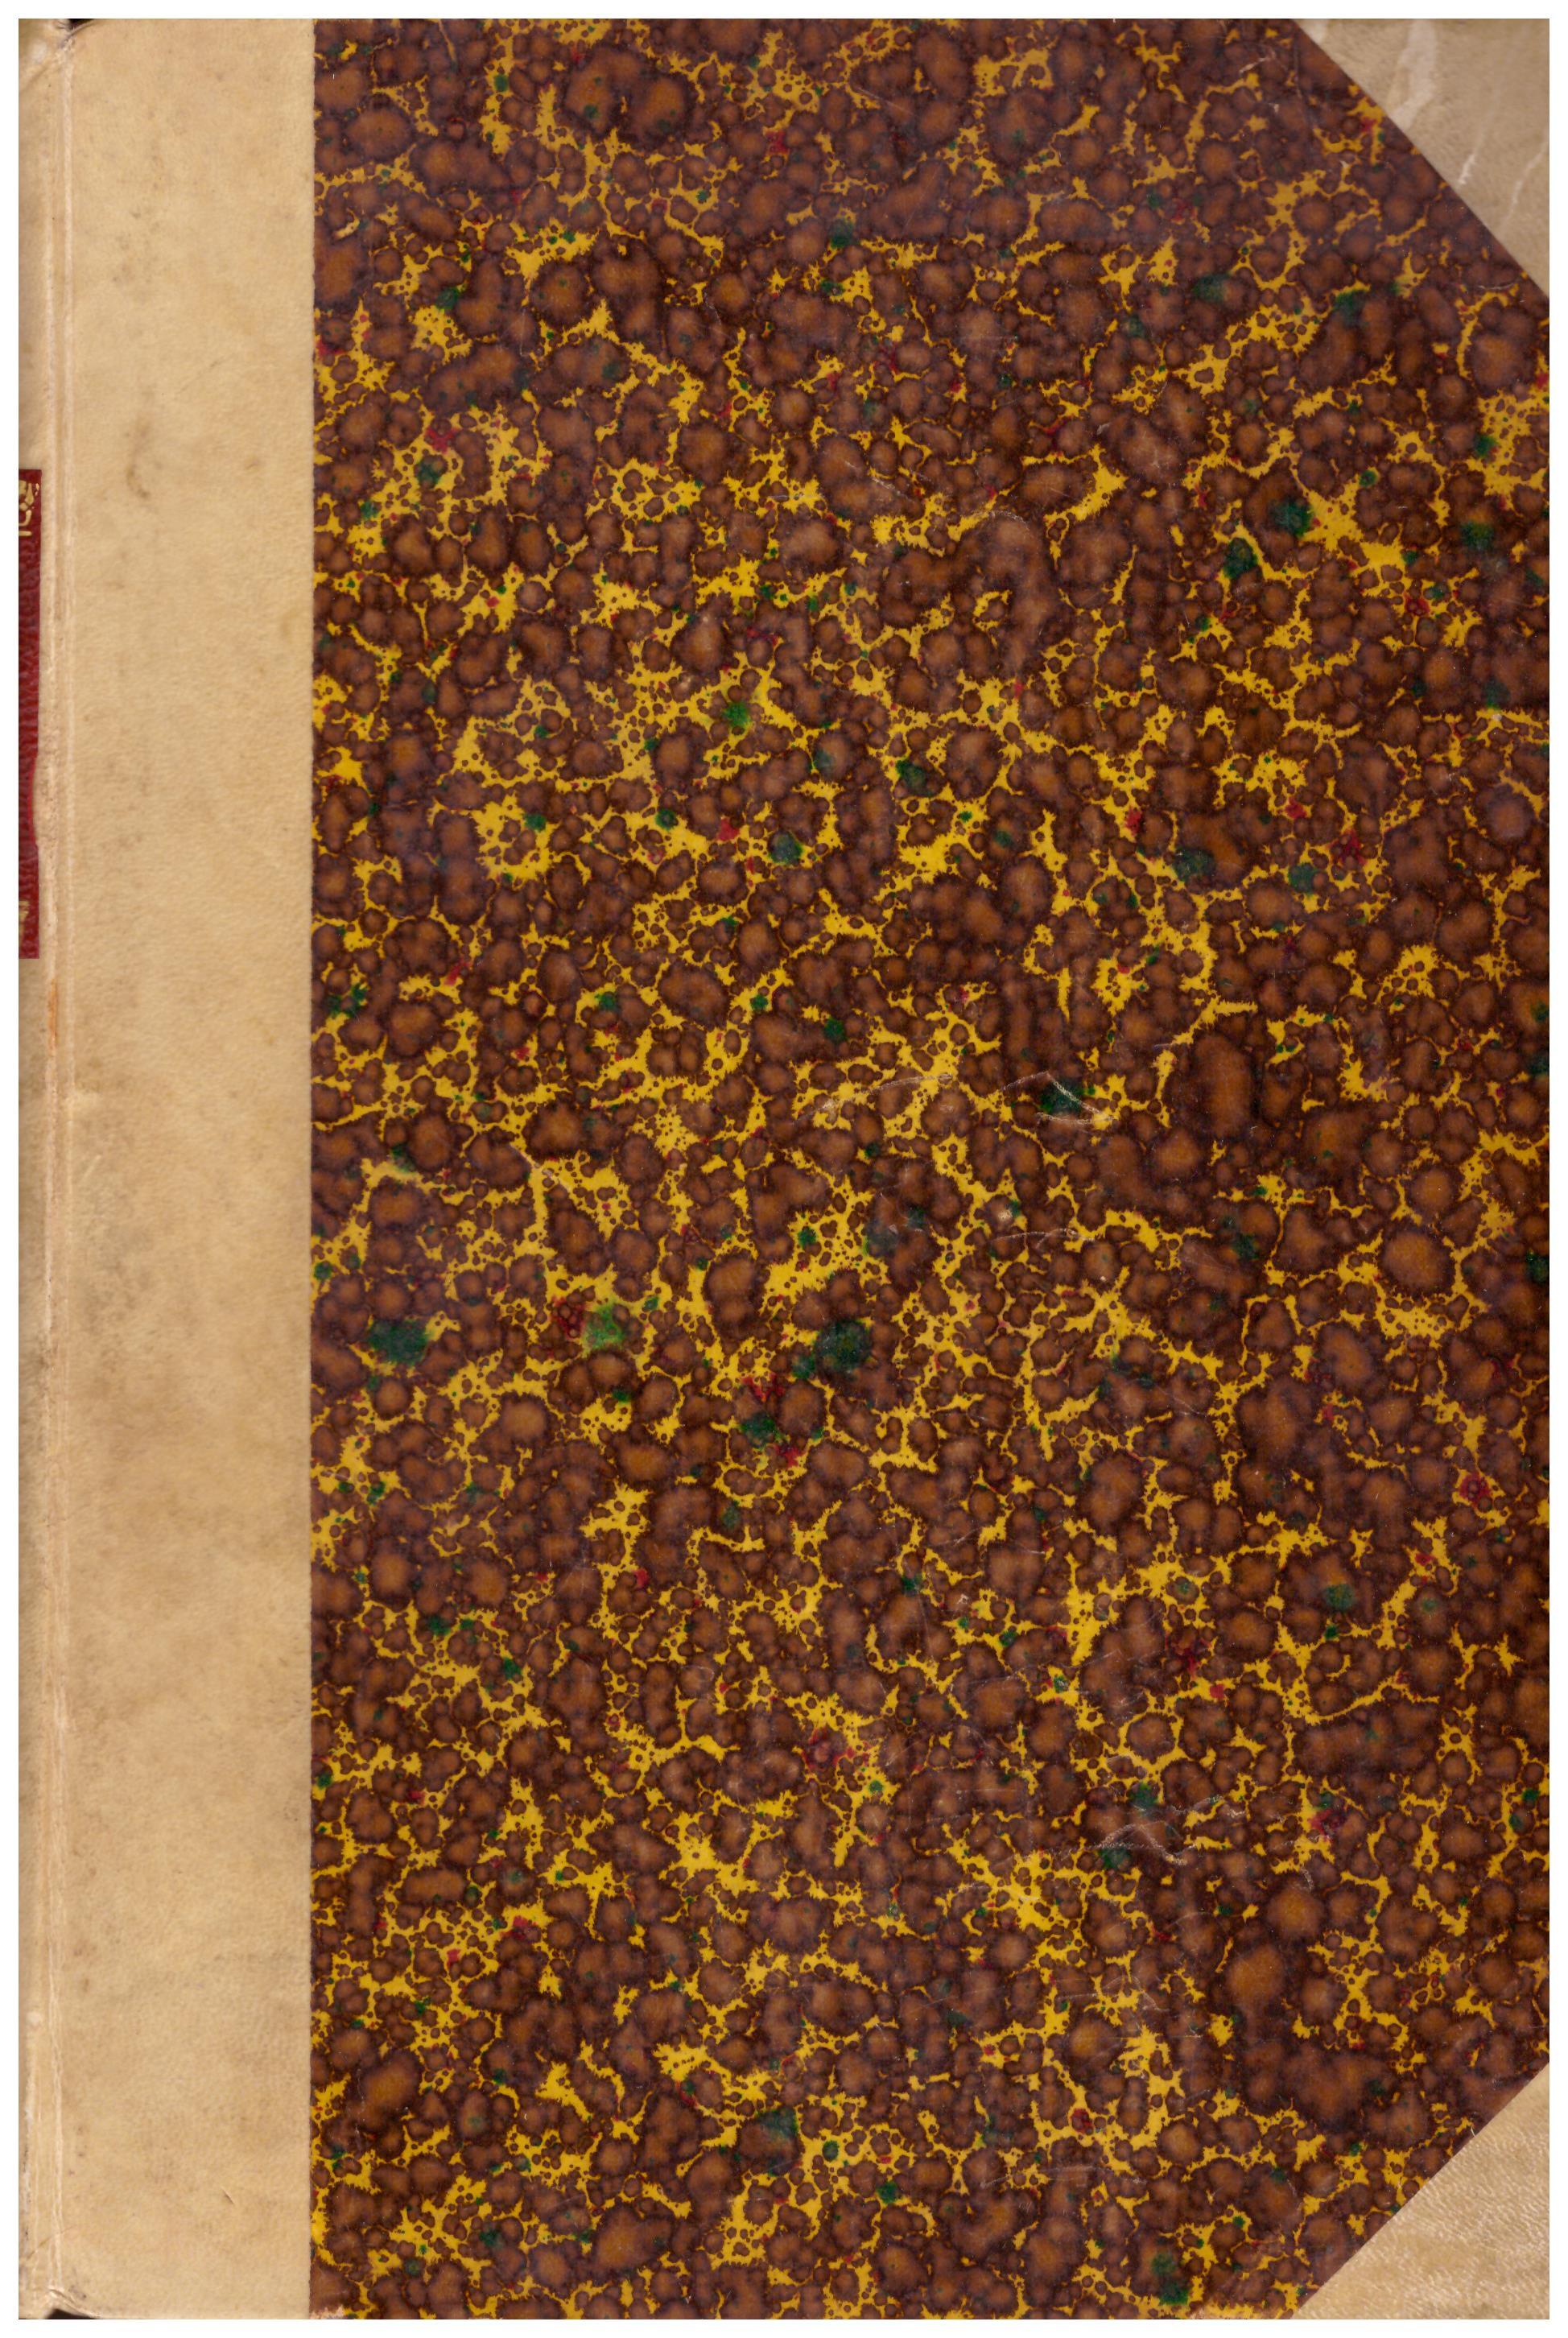 Titolo: Malattie dei climi caldi    Autore: Sir Patrick Manson    Editore: Società editrice libraria, Milano 1911